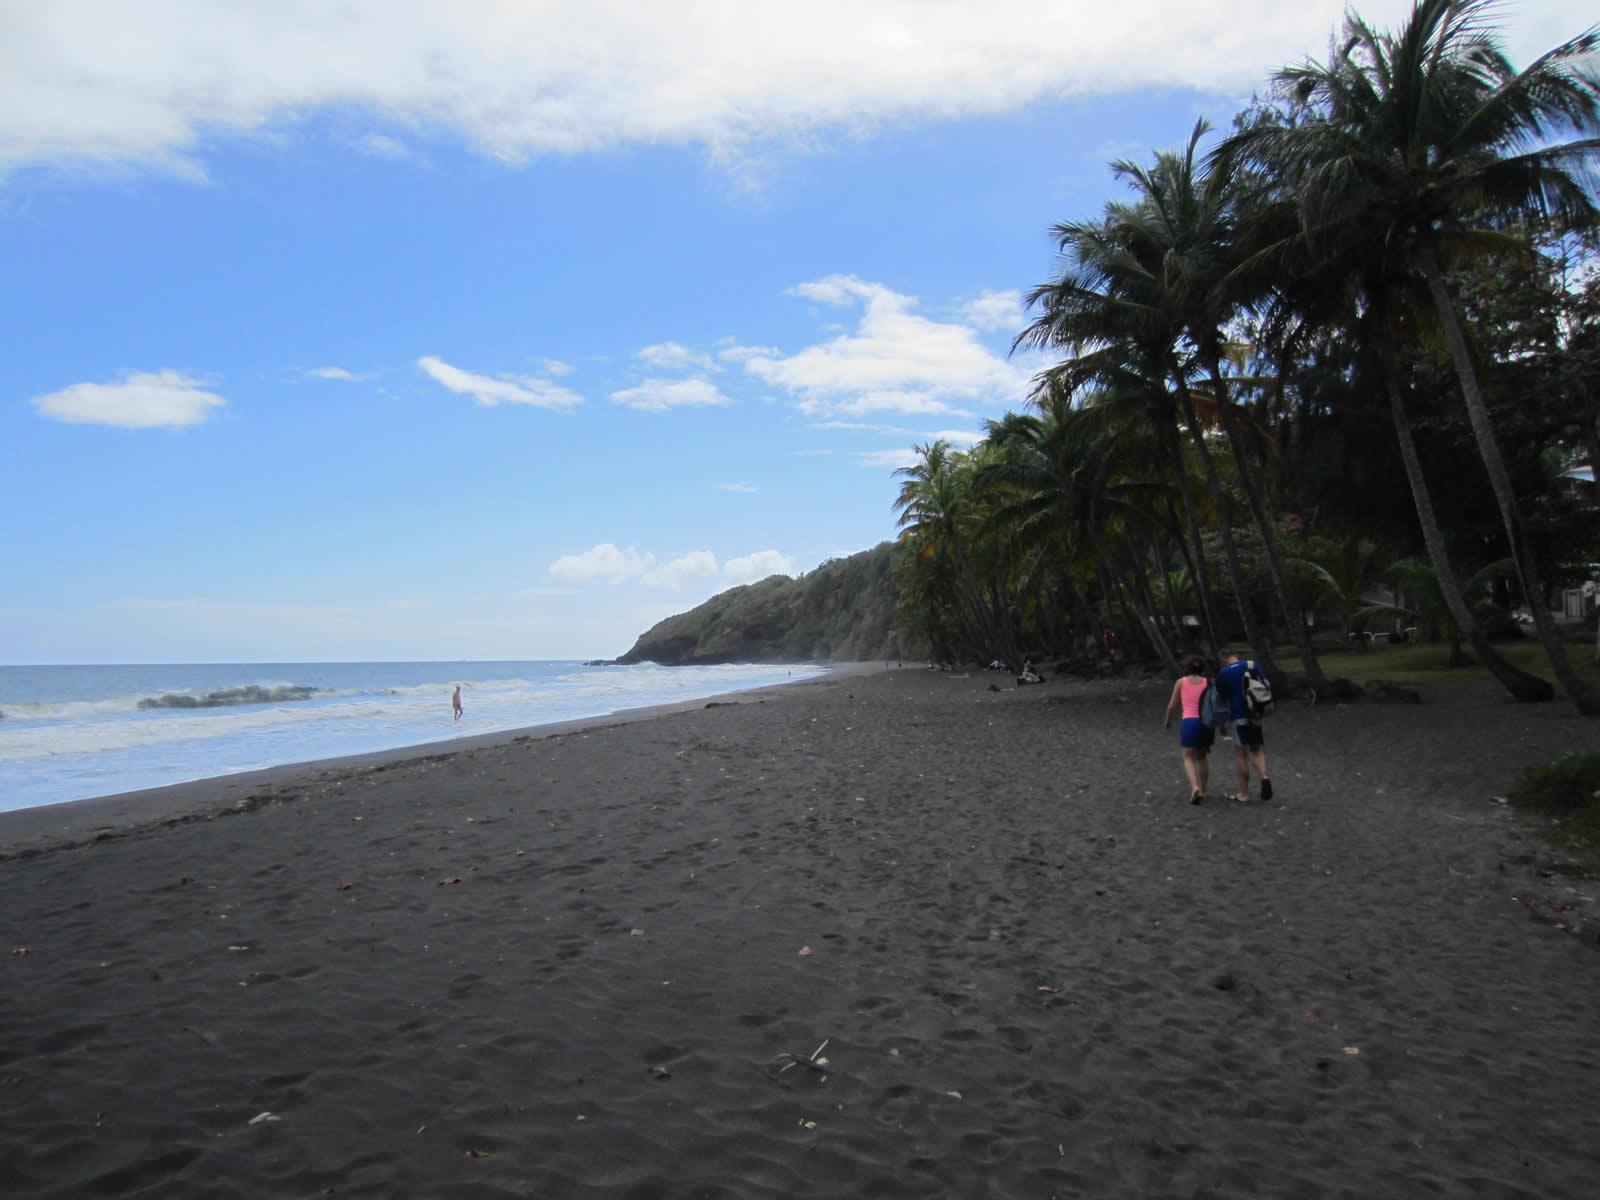 plage sable noir guadeloupe